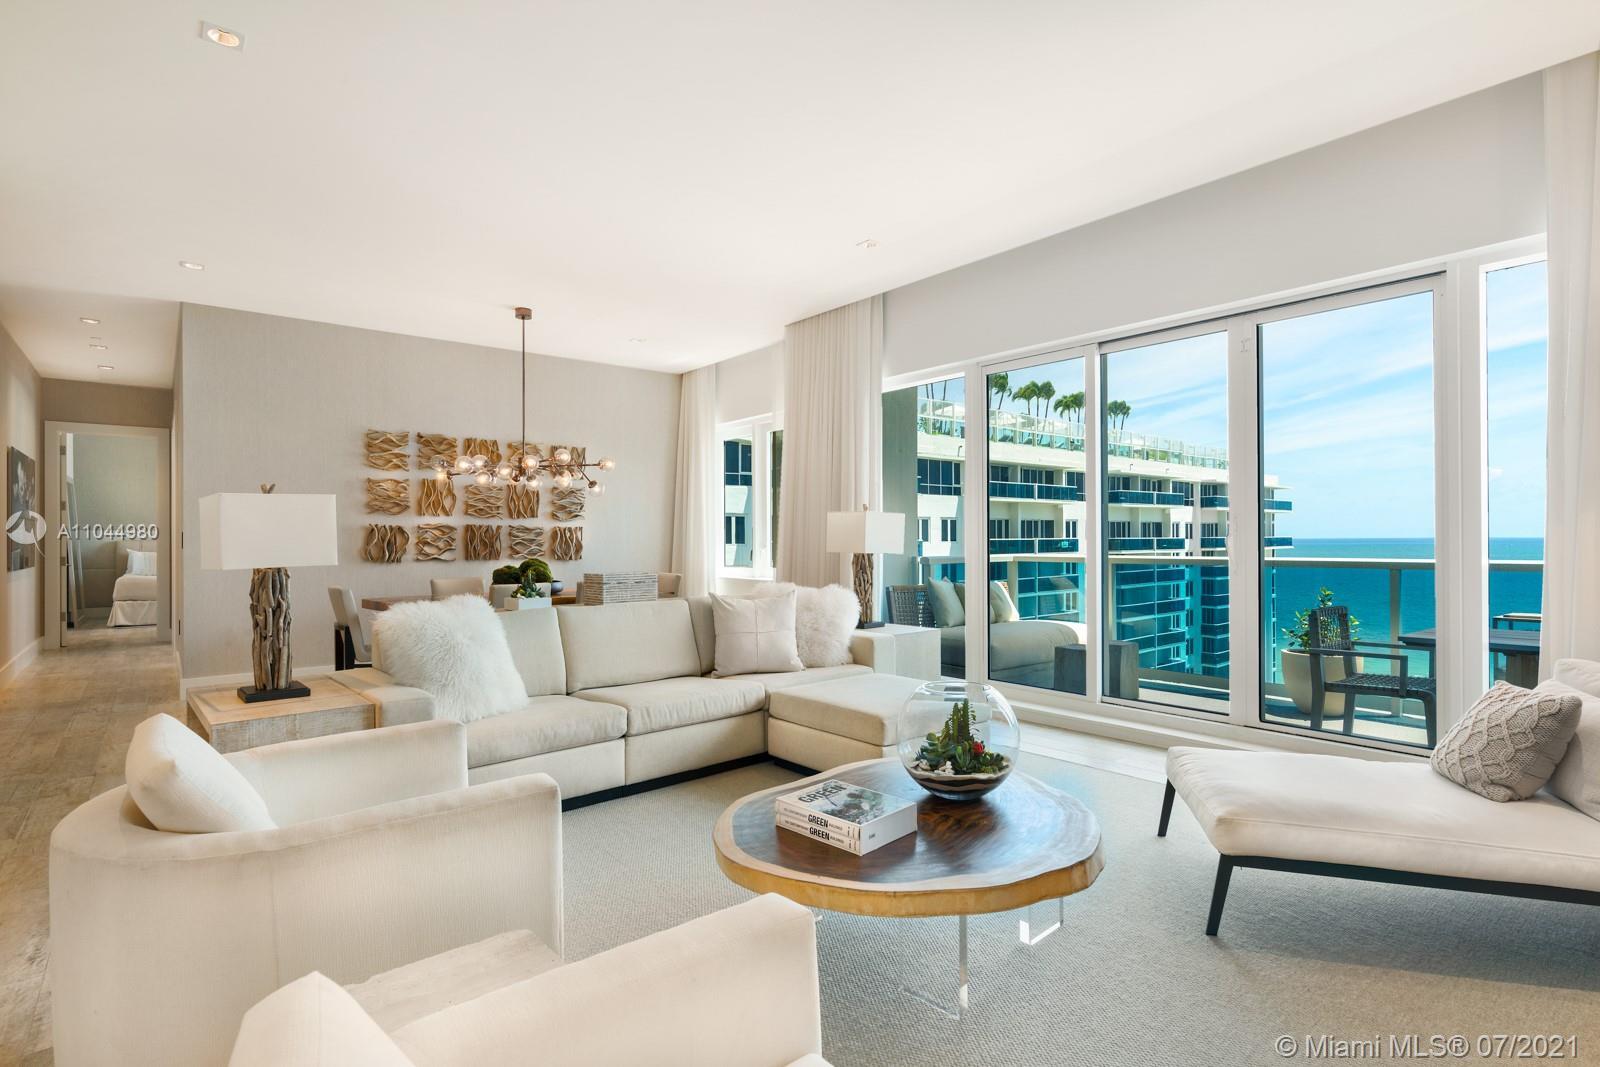 1 Hotel & Homes #PH-1620 - 102 24th St #PH-1620, Miami Beach, FL 33139